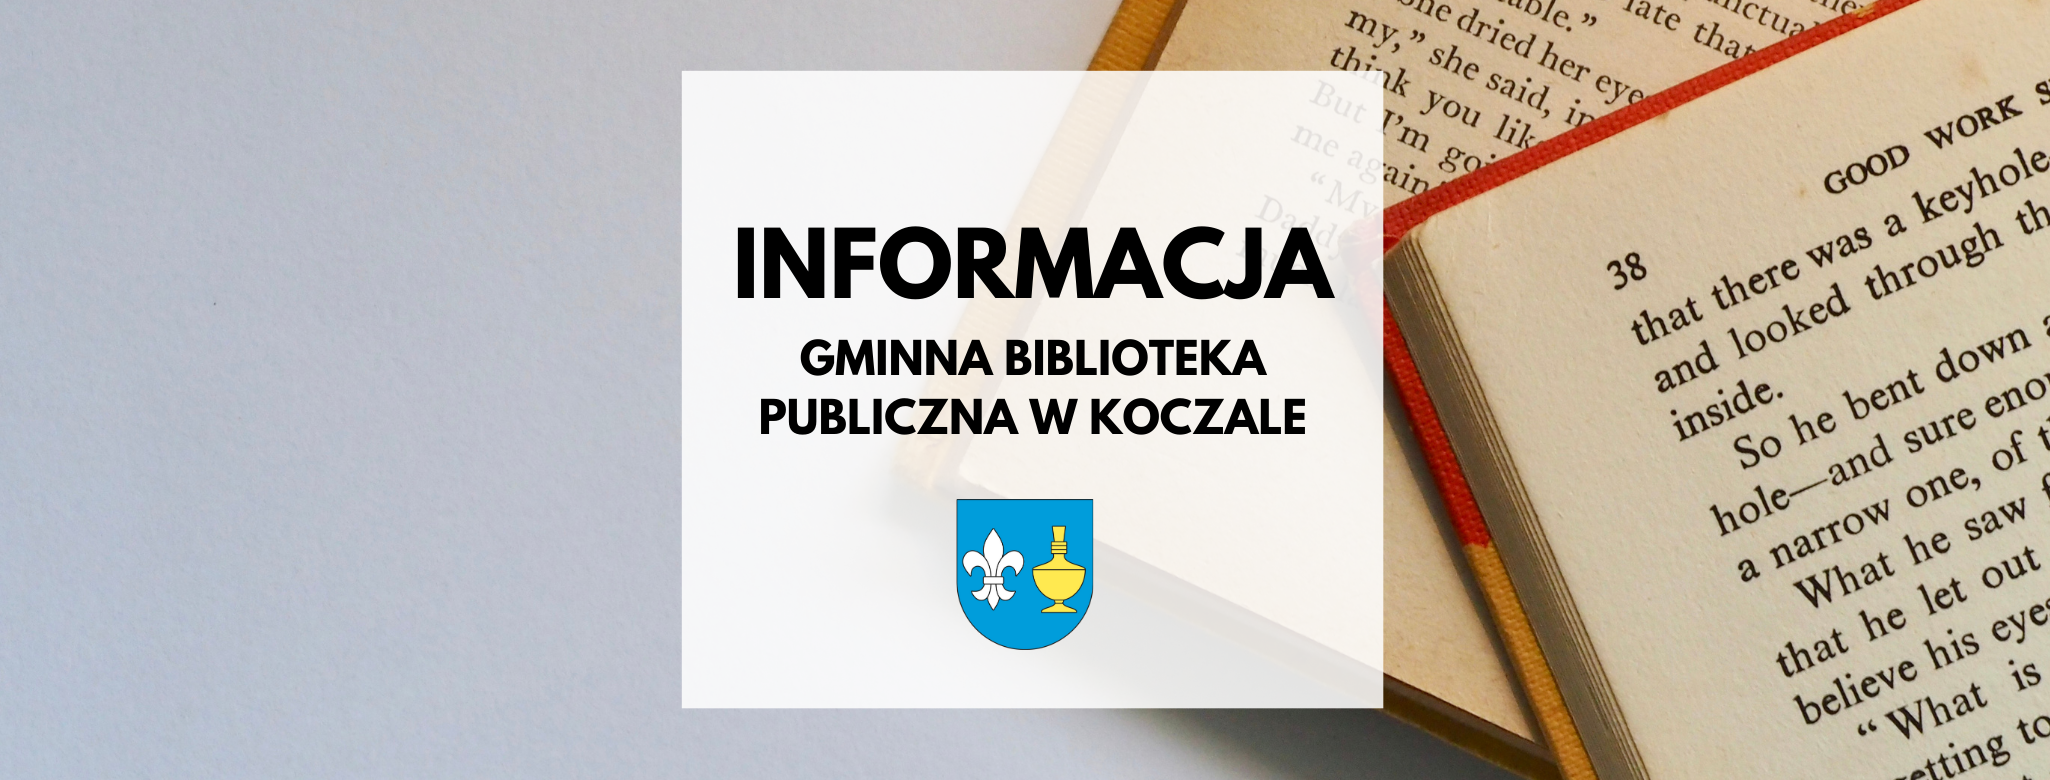 nagłówek graficzny o treści: informacja, gminna biblioteka publiczna w koczale